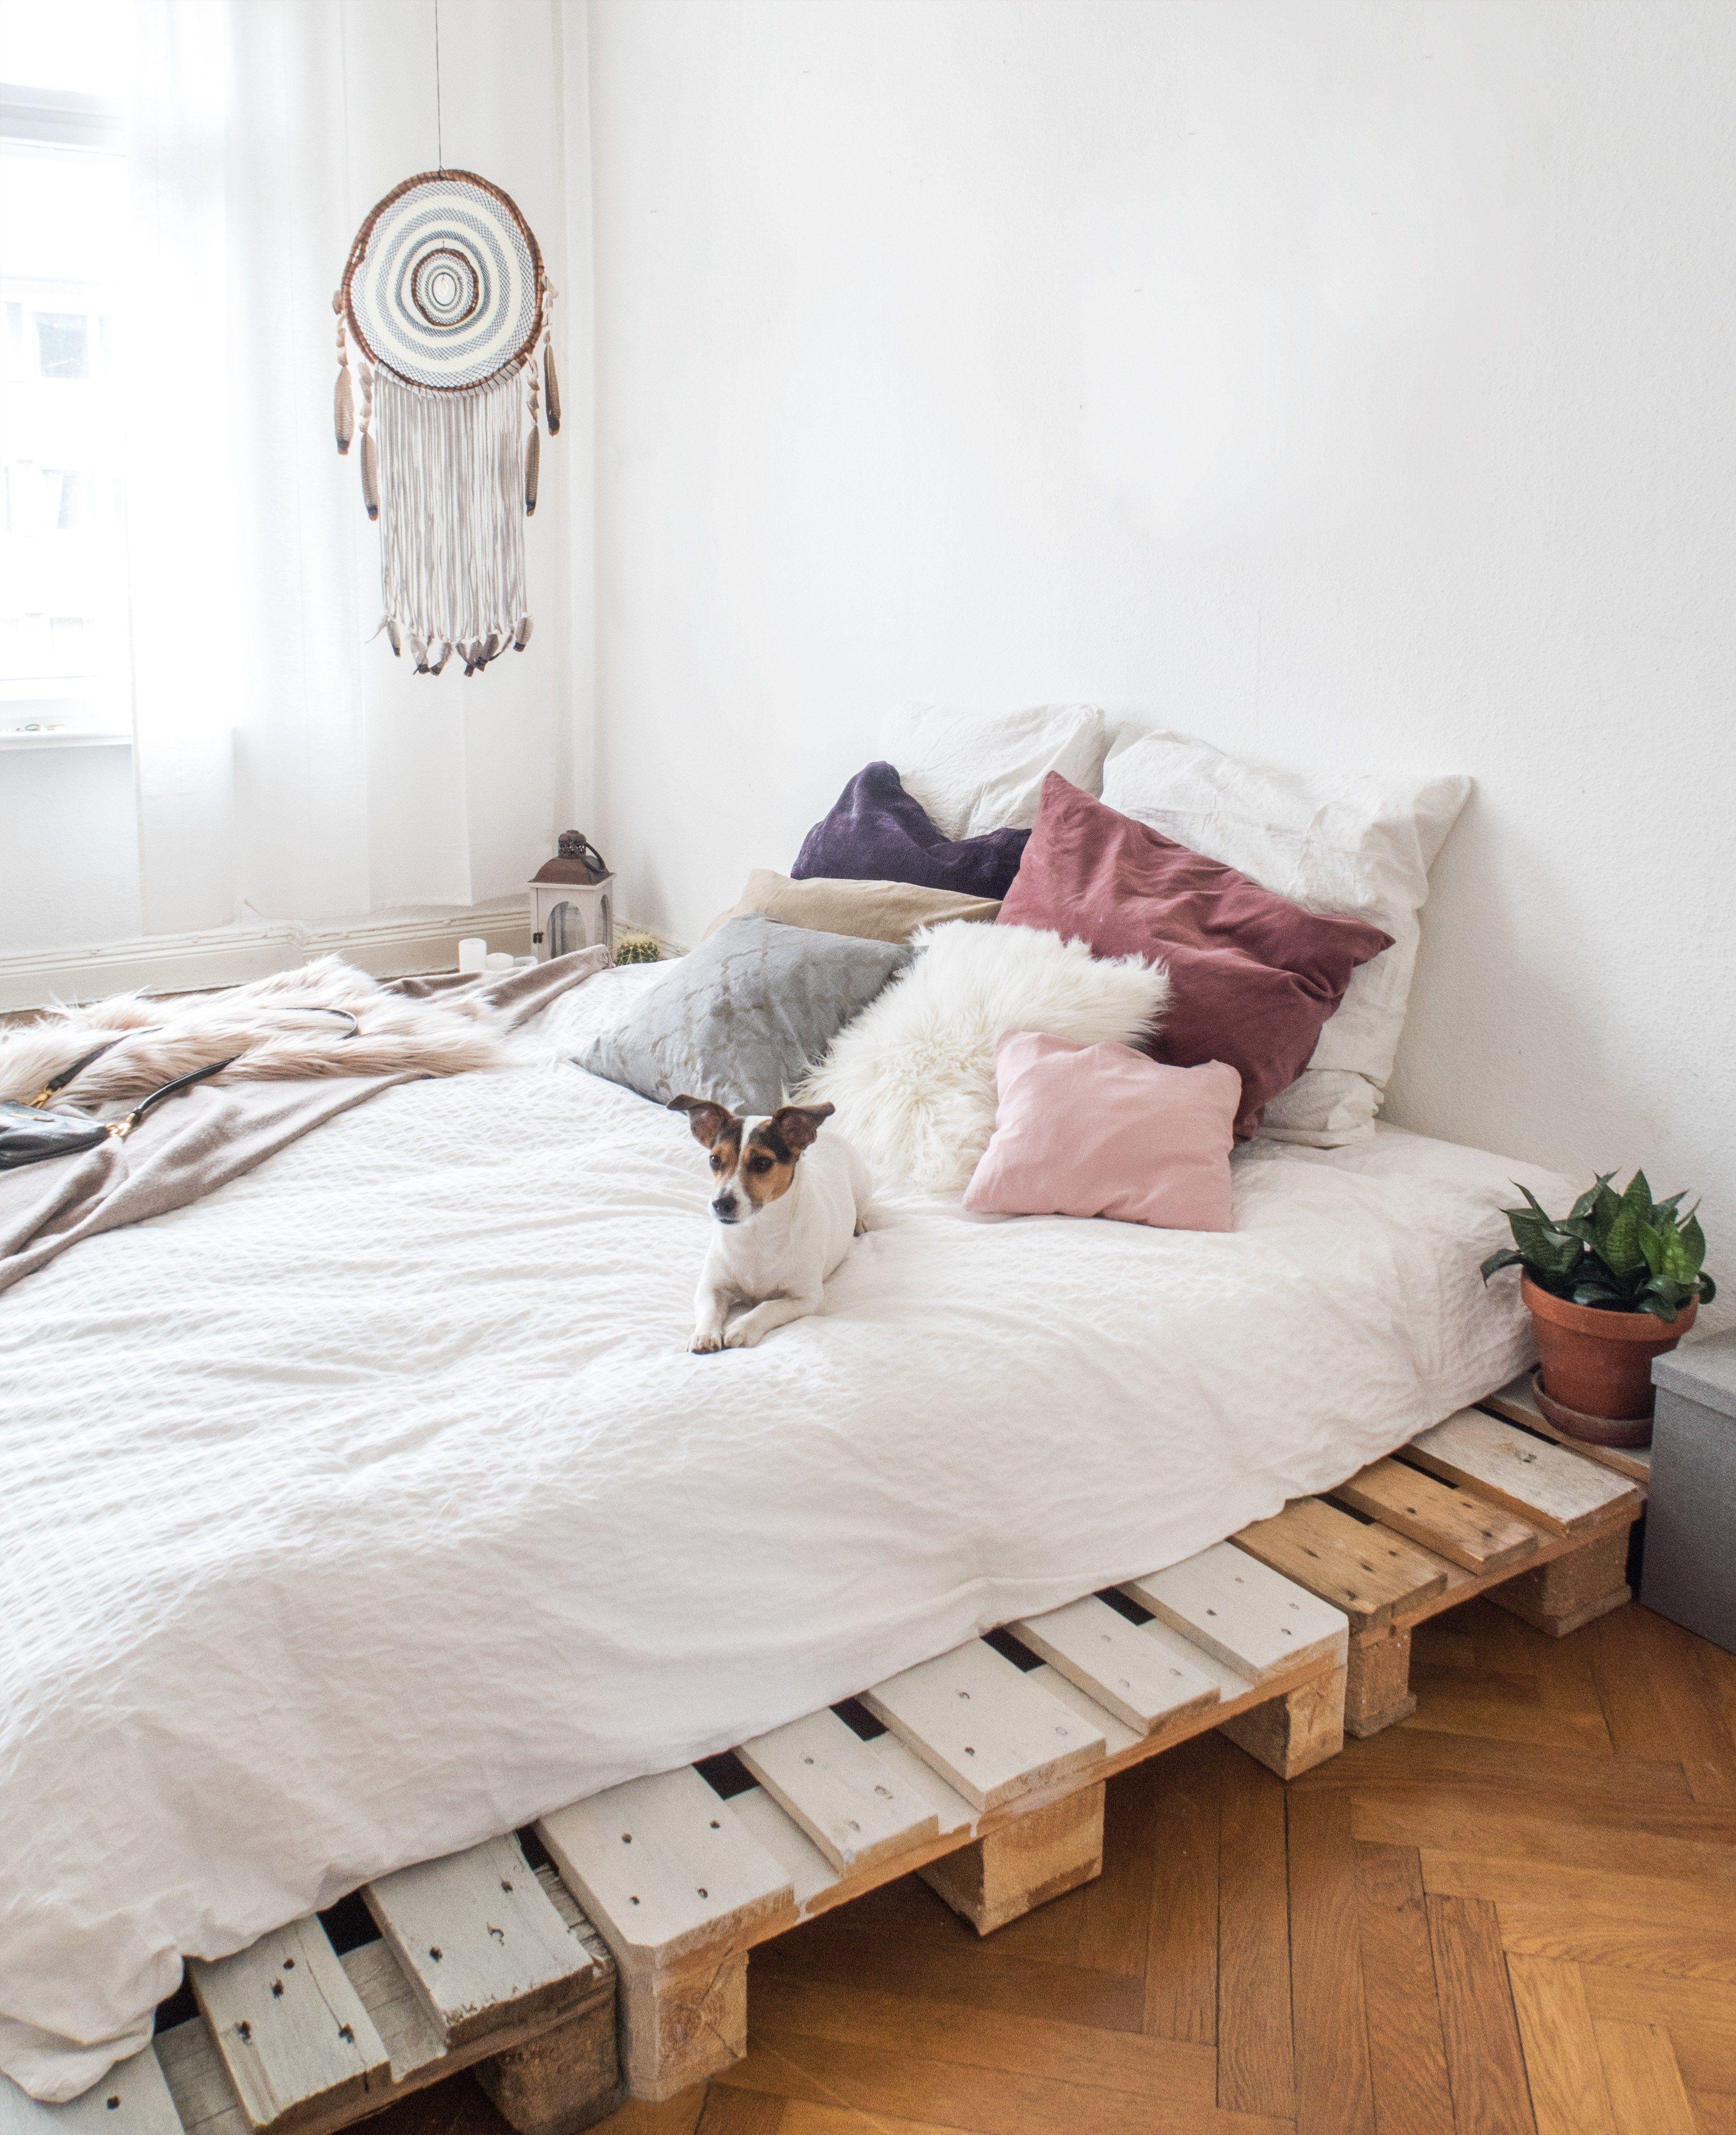 dein eigenes palettenbett in wenigen schritten selbstgebaut bedrooms room and trendy bedroom. Black Bedroom Furniture Sets. Home Design Ideas